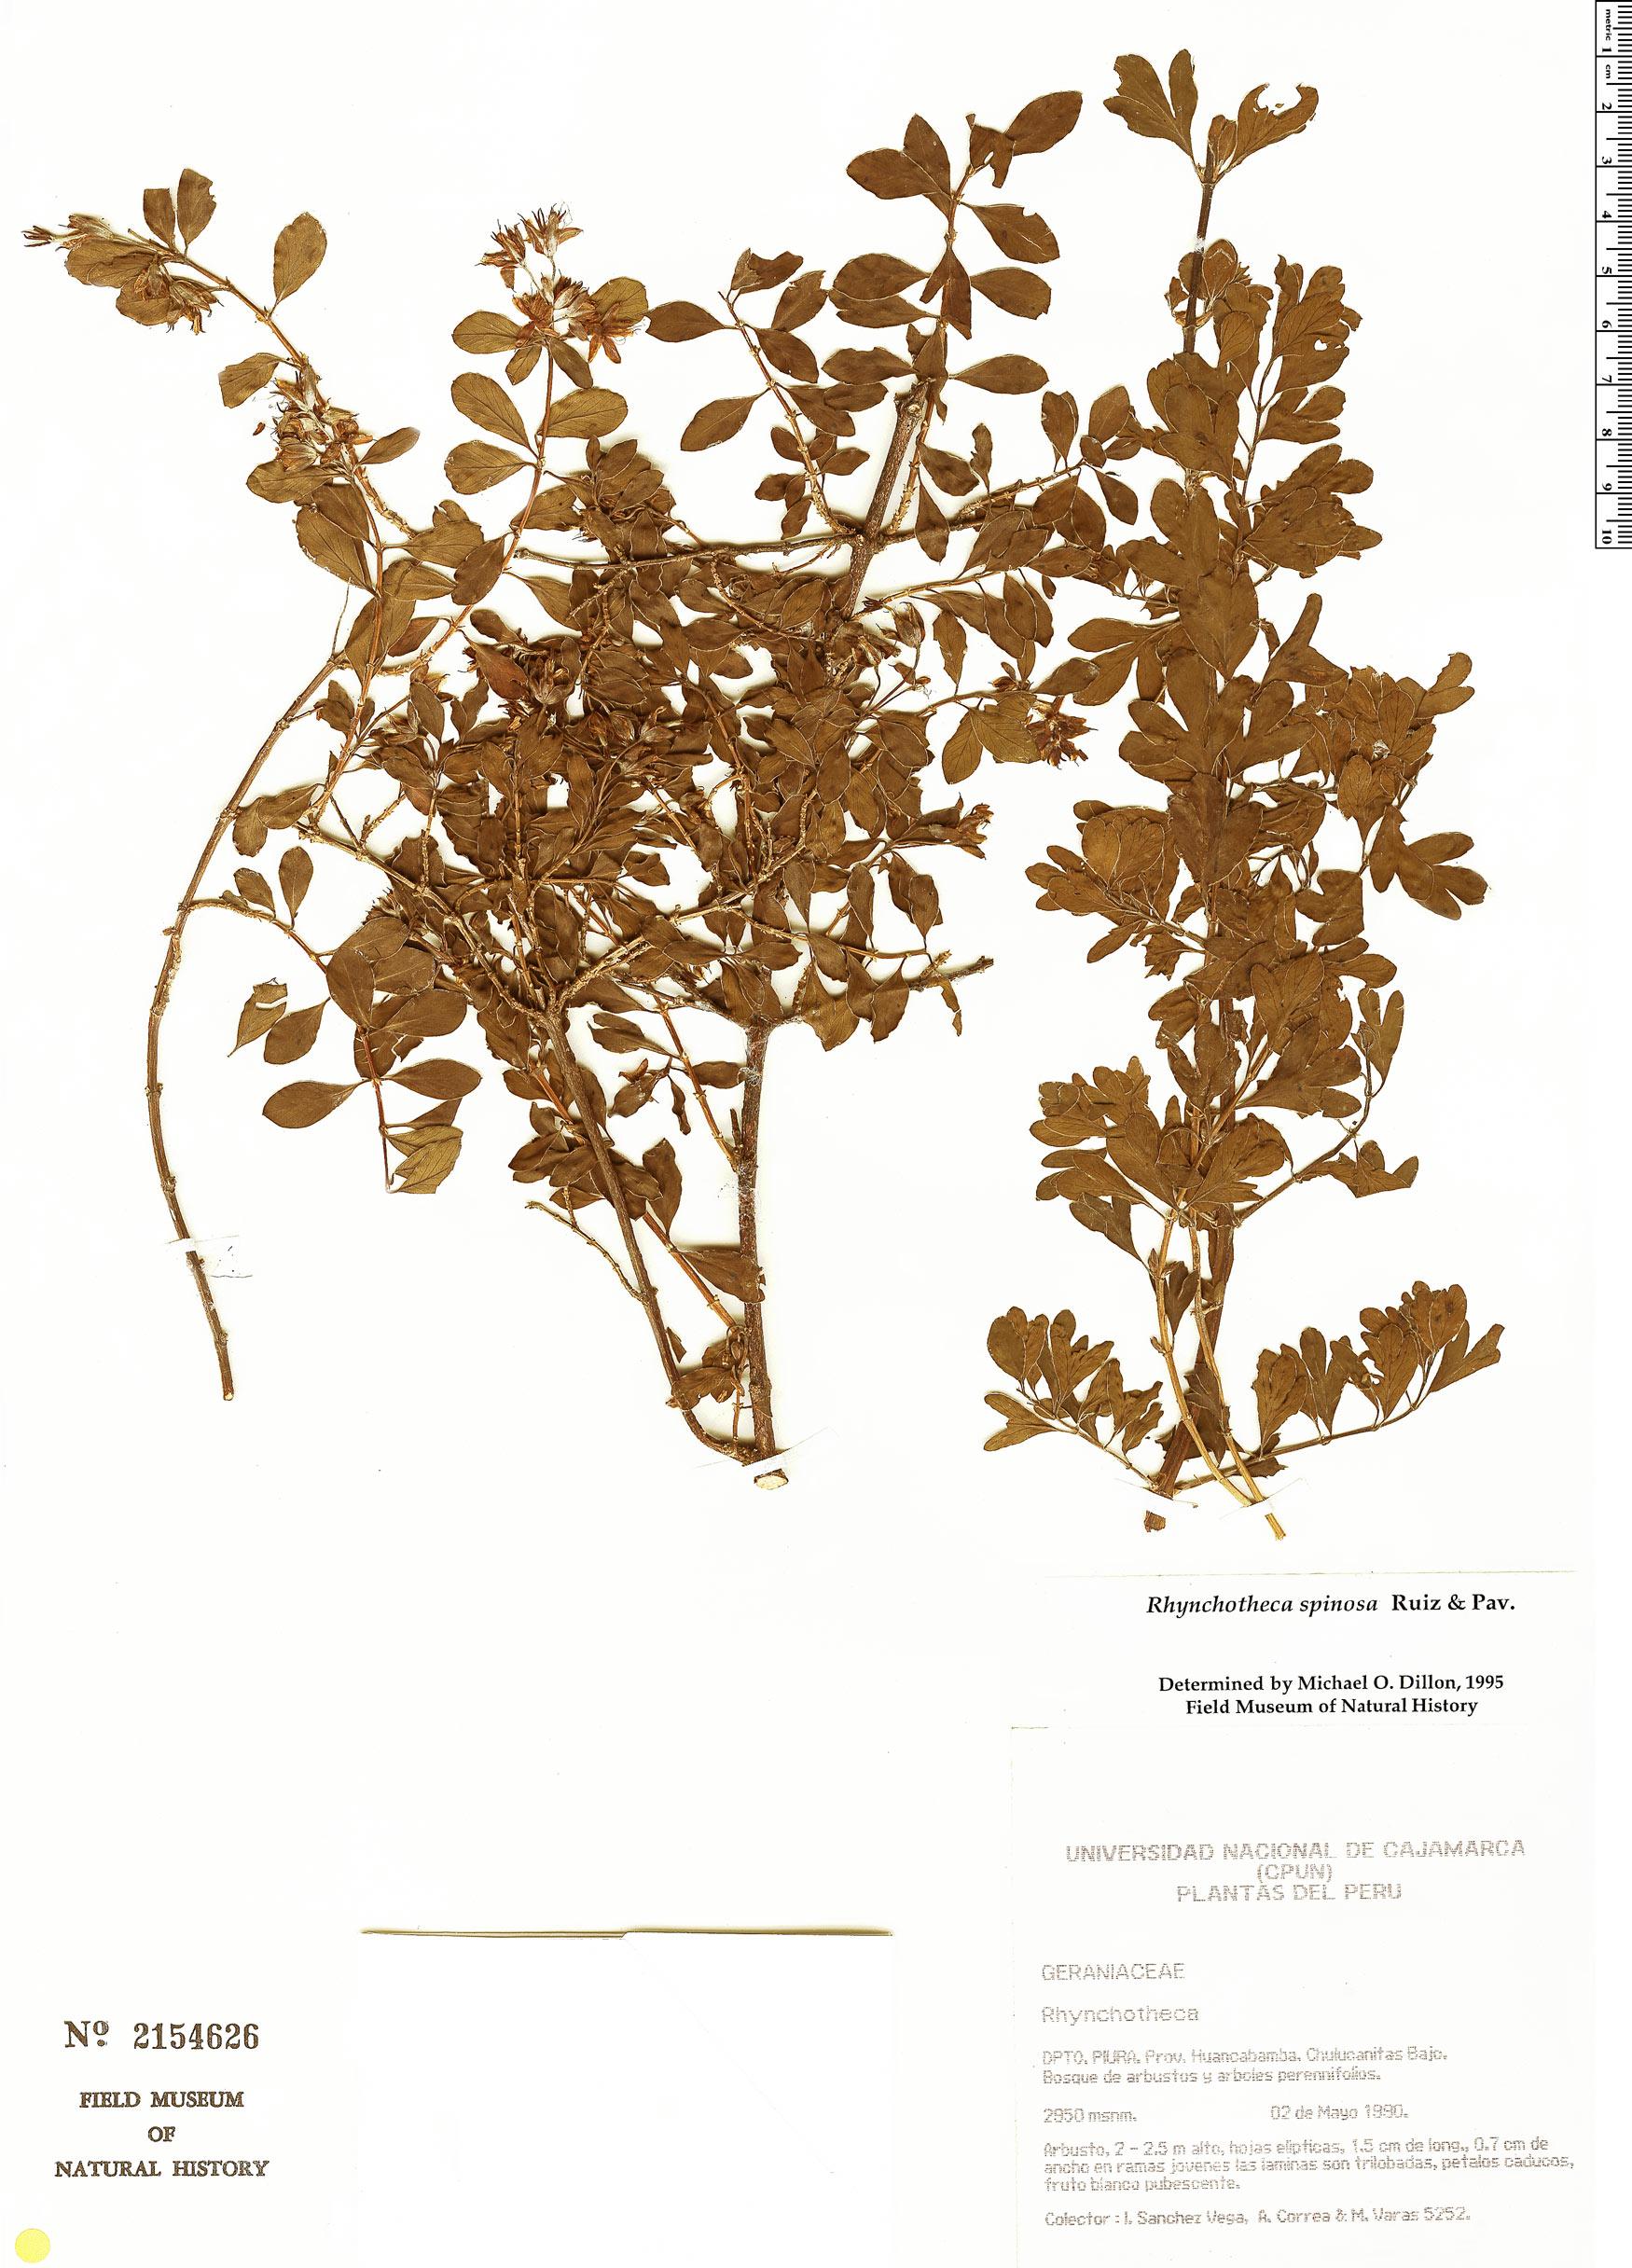 Specimen: Rhynchotheca spinosa